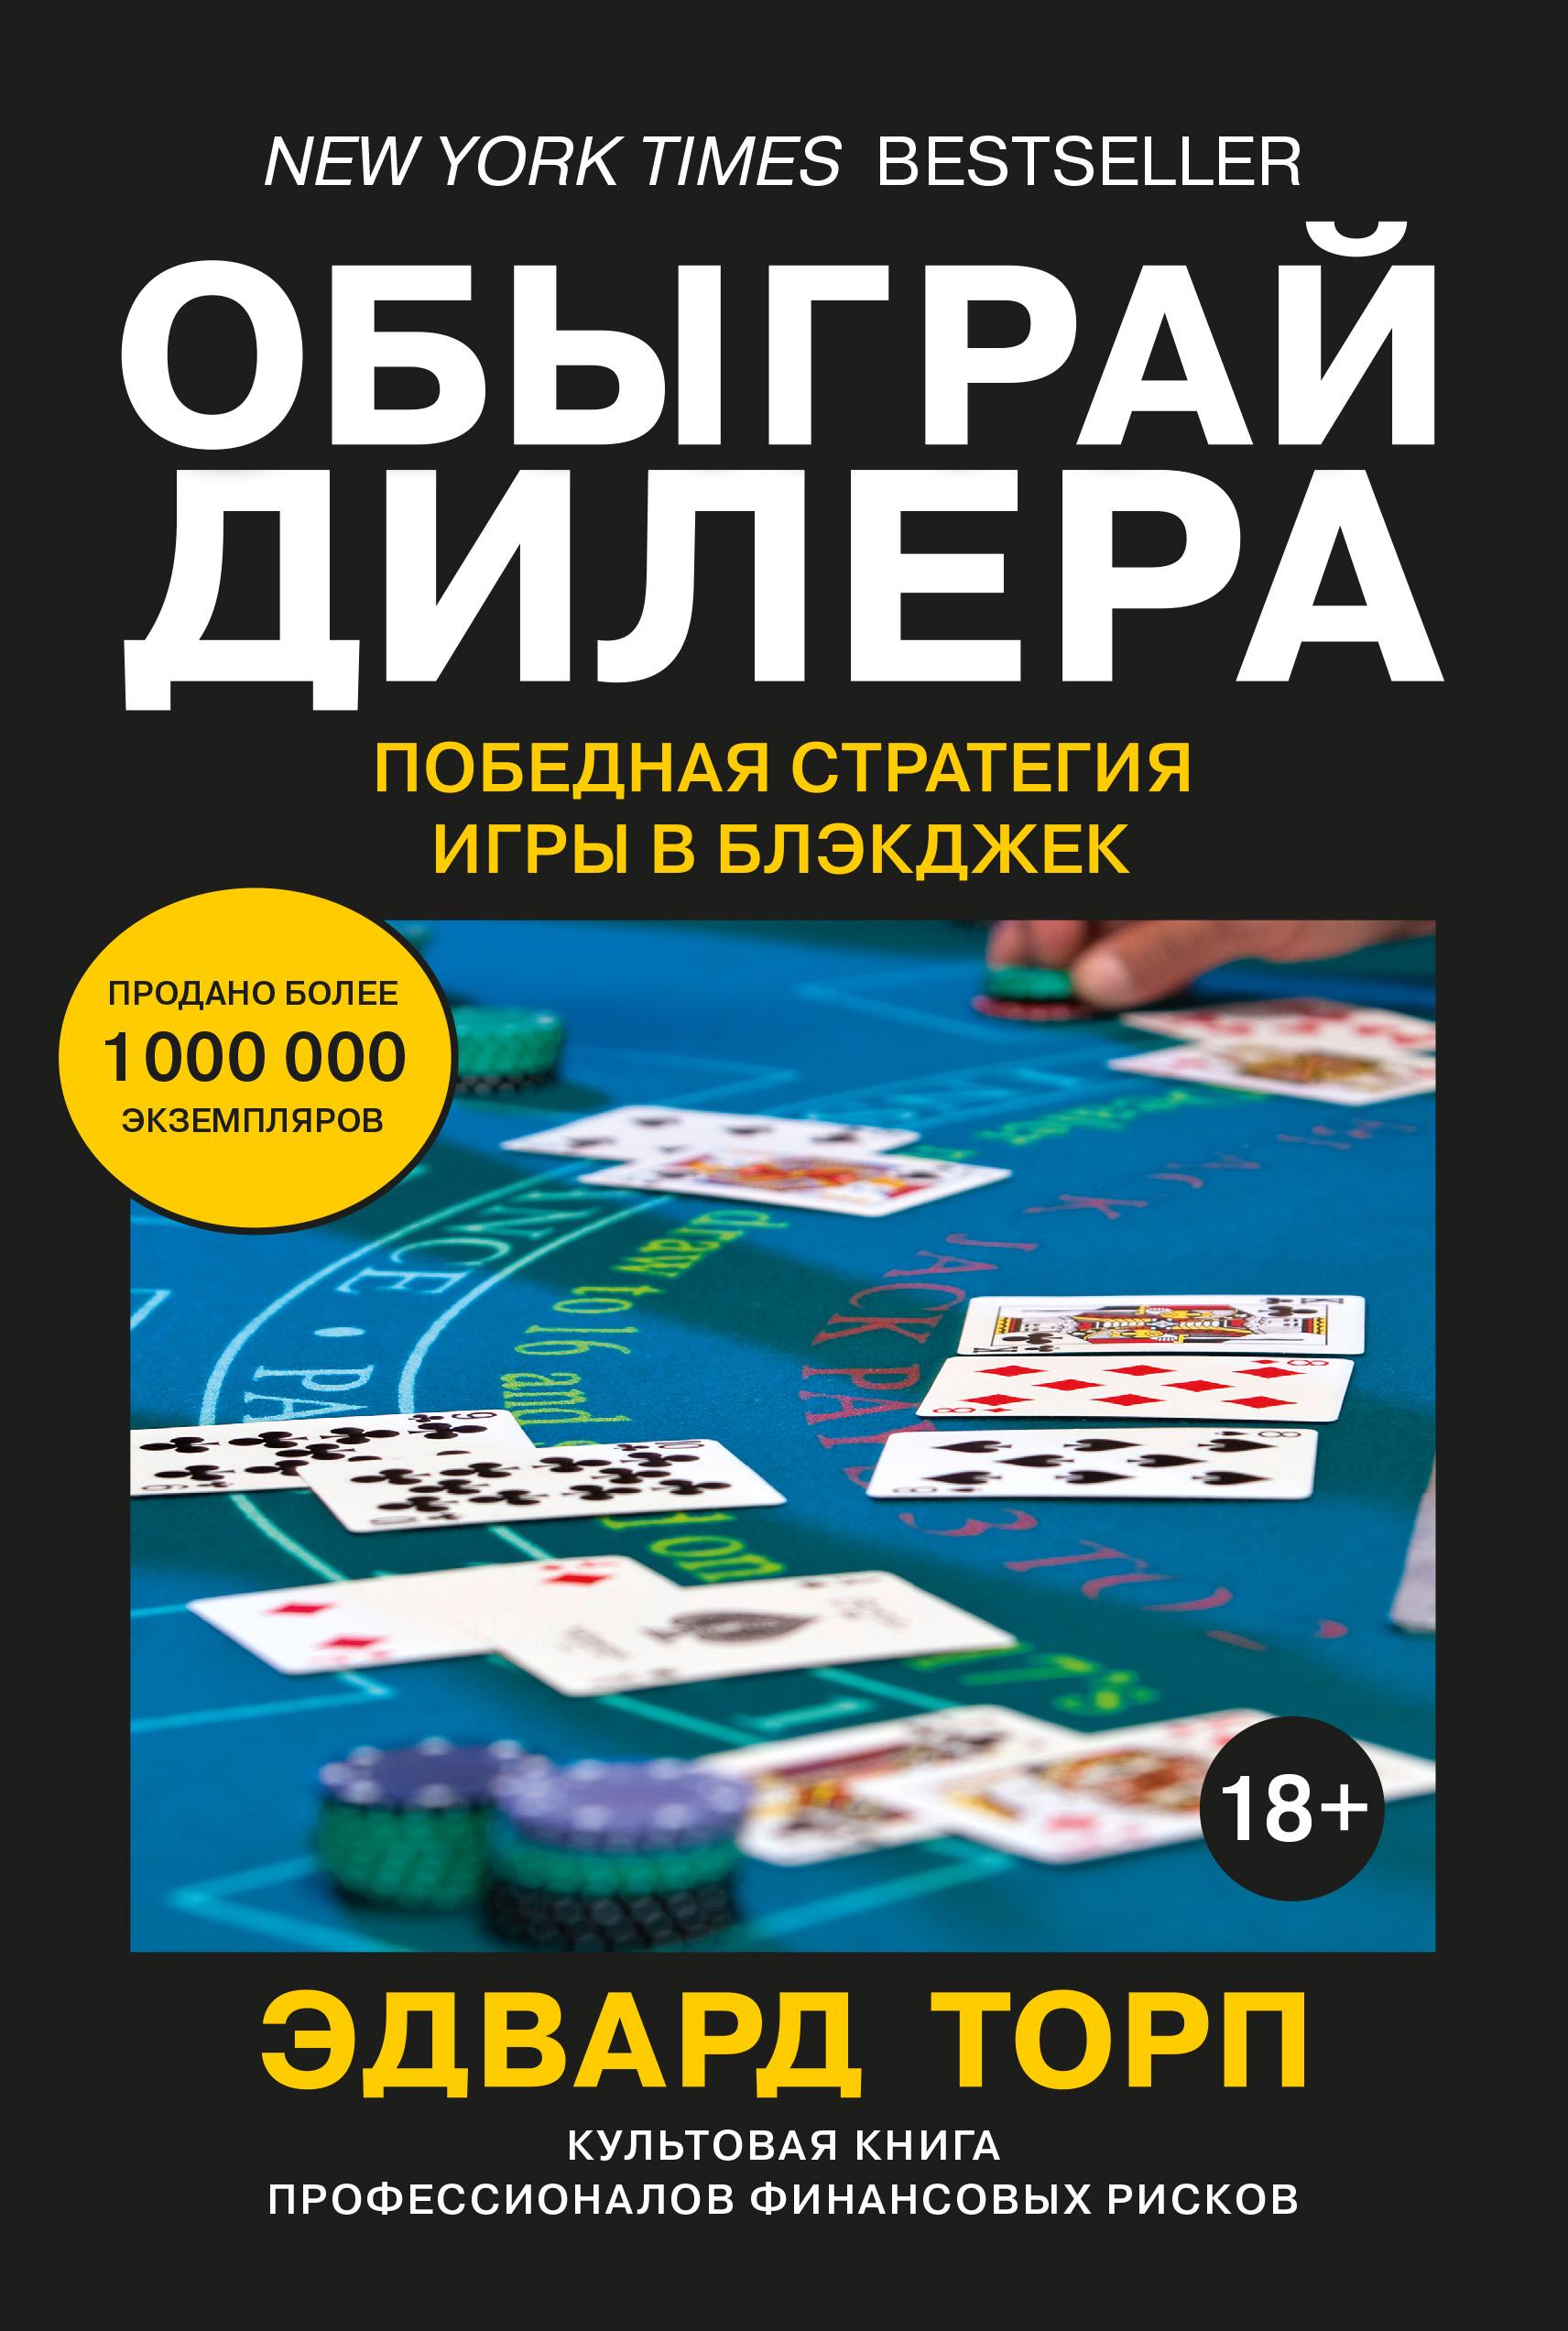 Эдард Торп Обыграй : Победная стратегия игры блэкджек